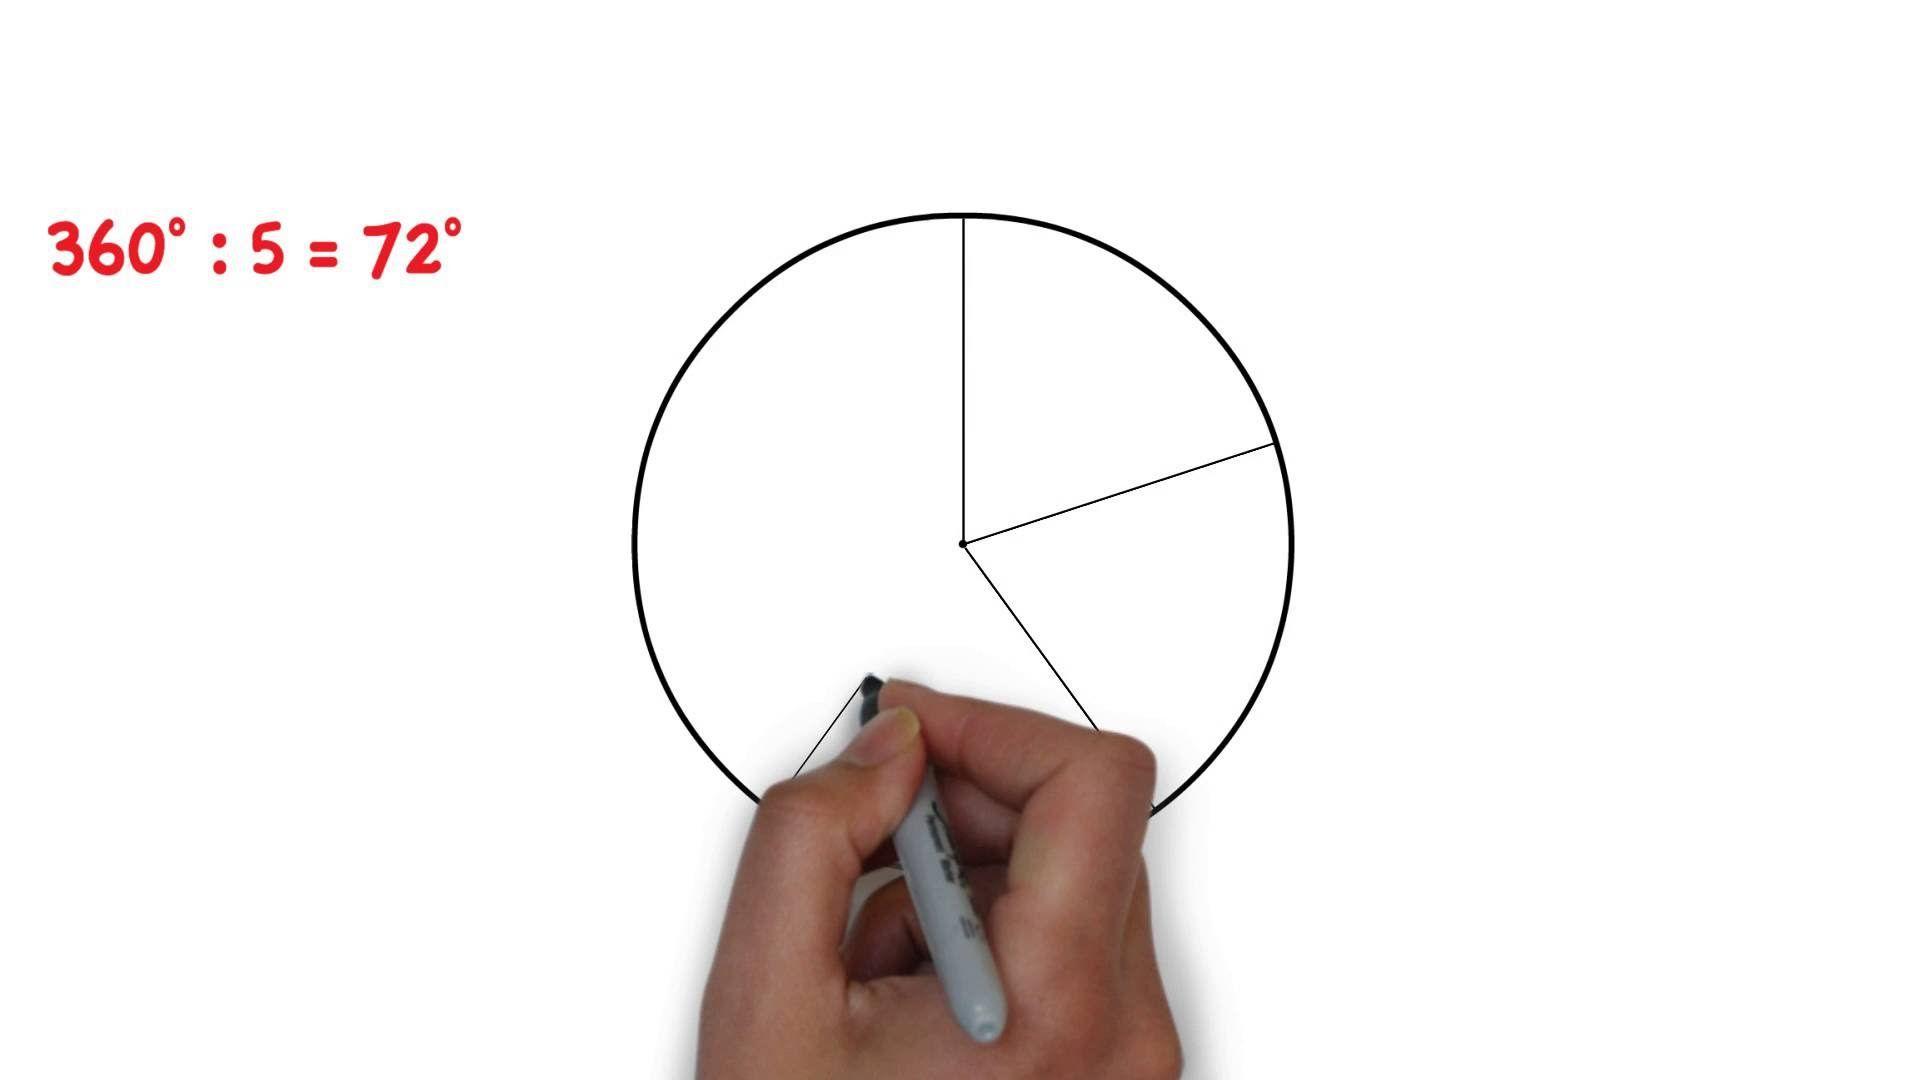 fünfeck konstruieren - winkel messen, fünfeck zeichnen | technics